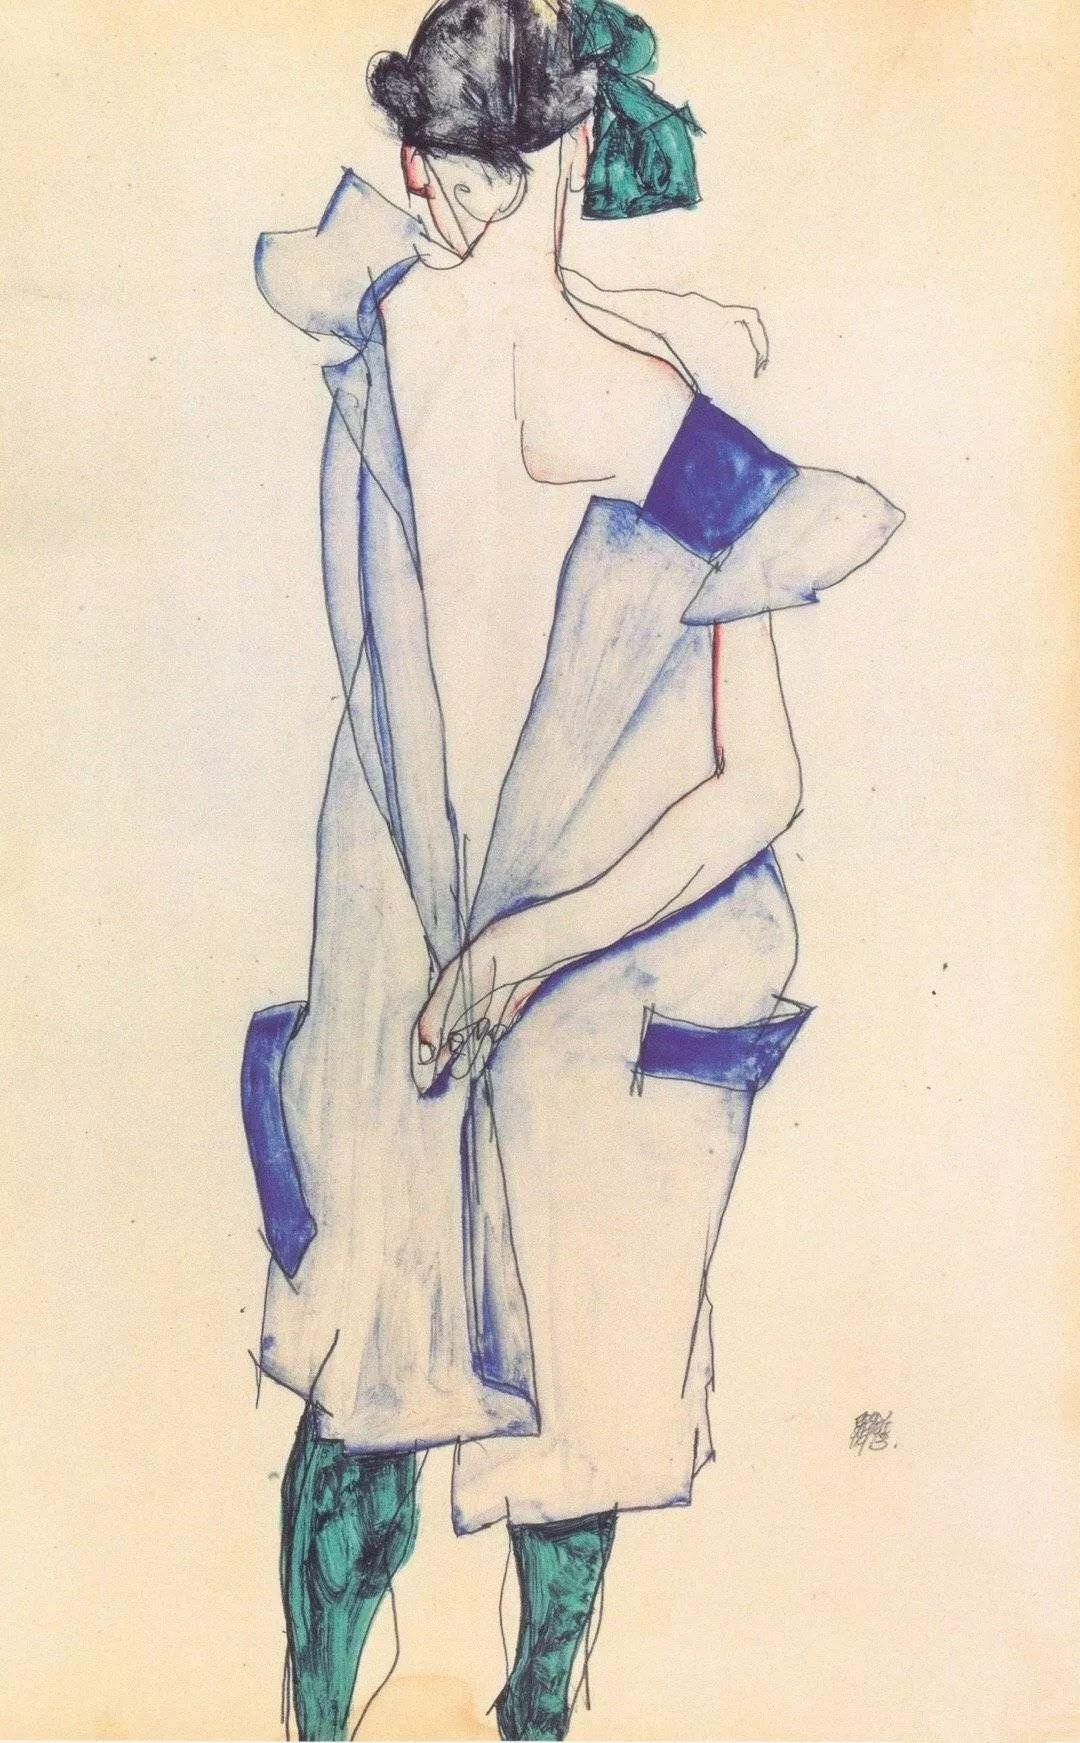 年仅28岁,生前遭受非议,死后却被捧为直逼心灵的艺术家插图57